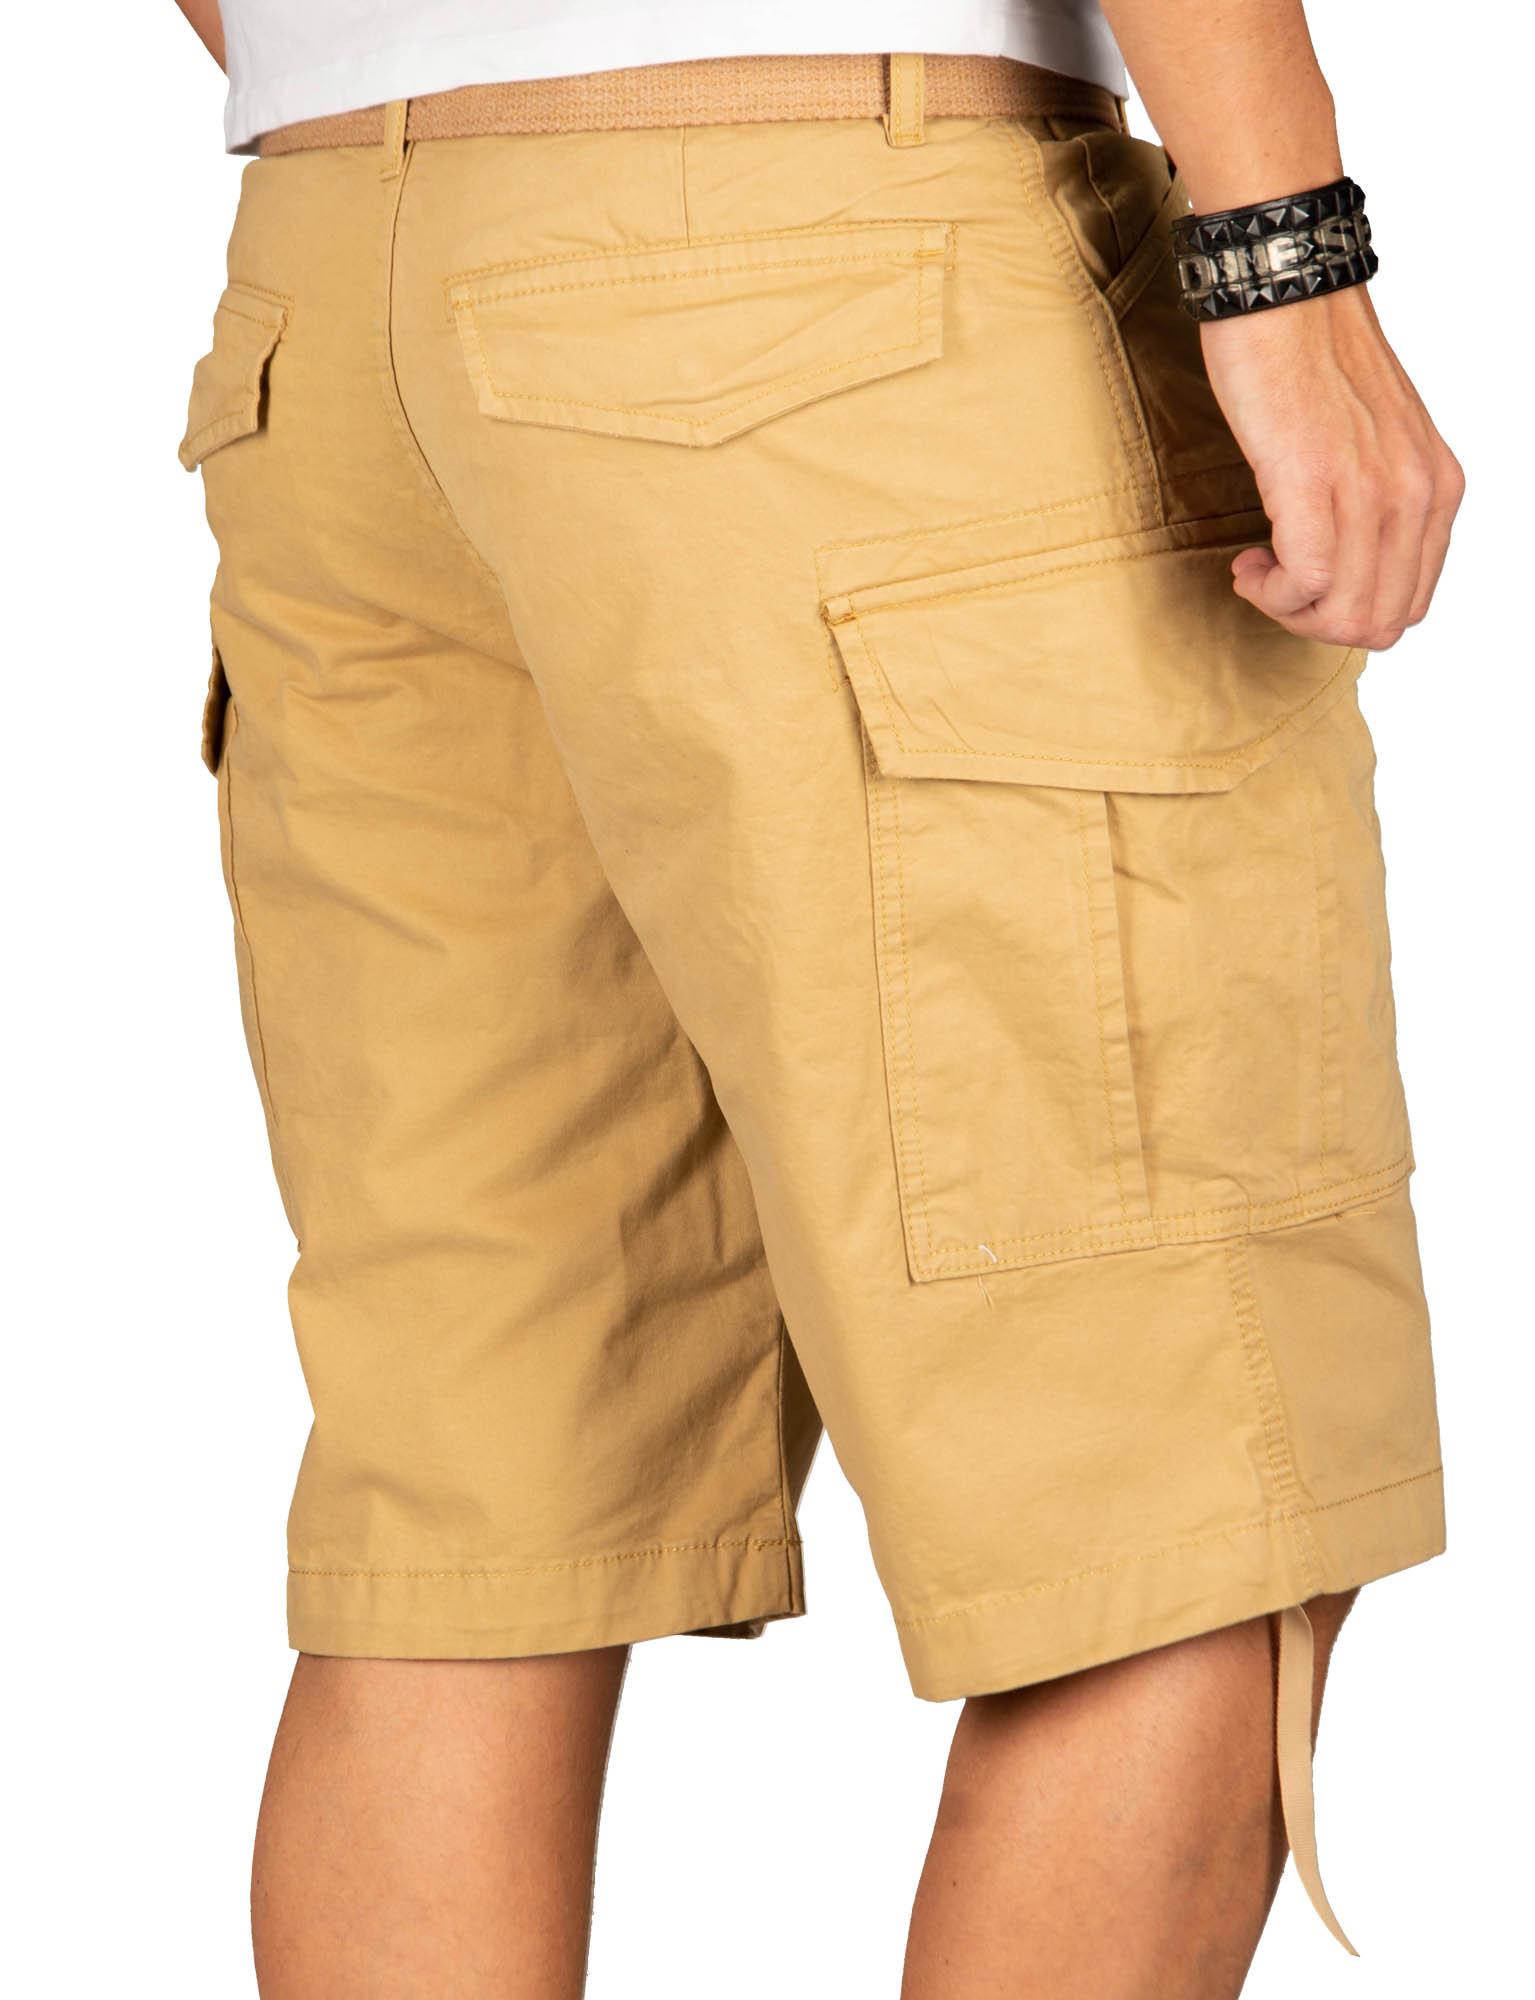 A-Salvarini-Herren-Comfort-Cargo-Shorts-Cargoshorts-kurze-Hose-Guertel-AS133-NEU Indexbild 28